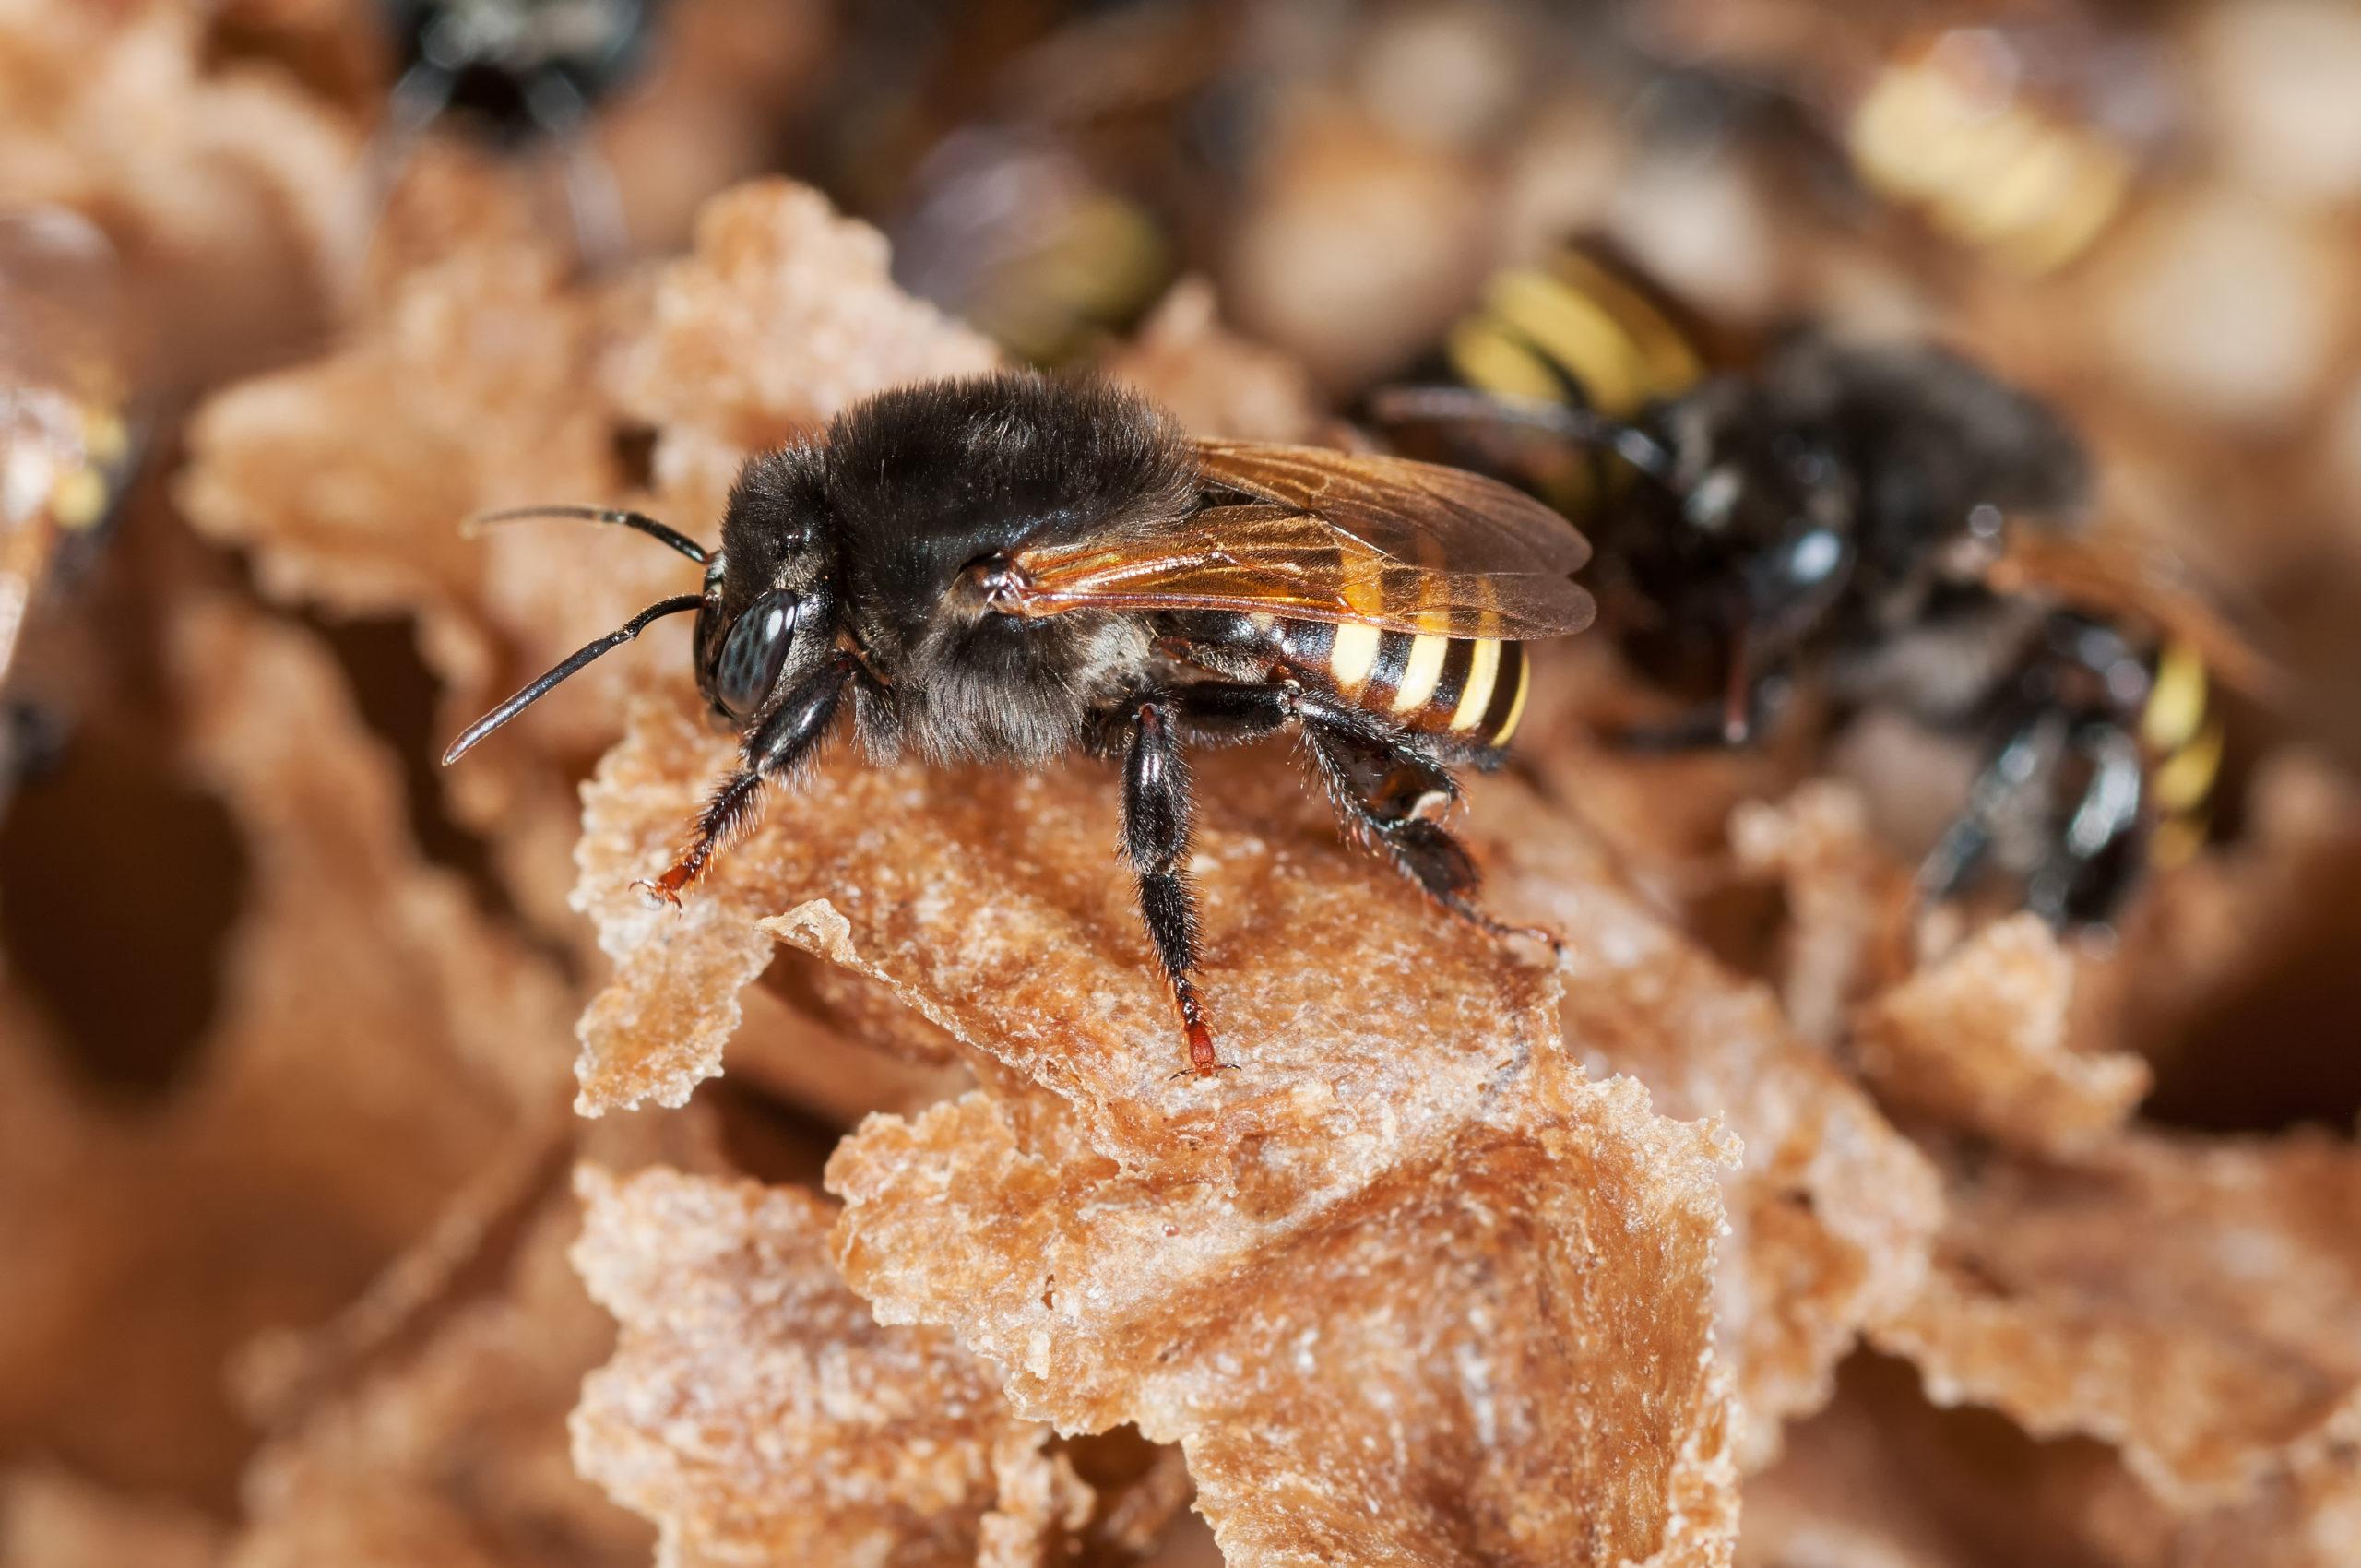 Este hotel en México trata de salvar las abejas meliponas, una especie en peligro de extinción